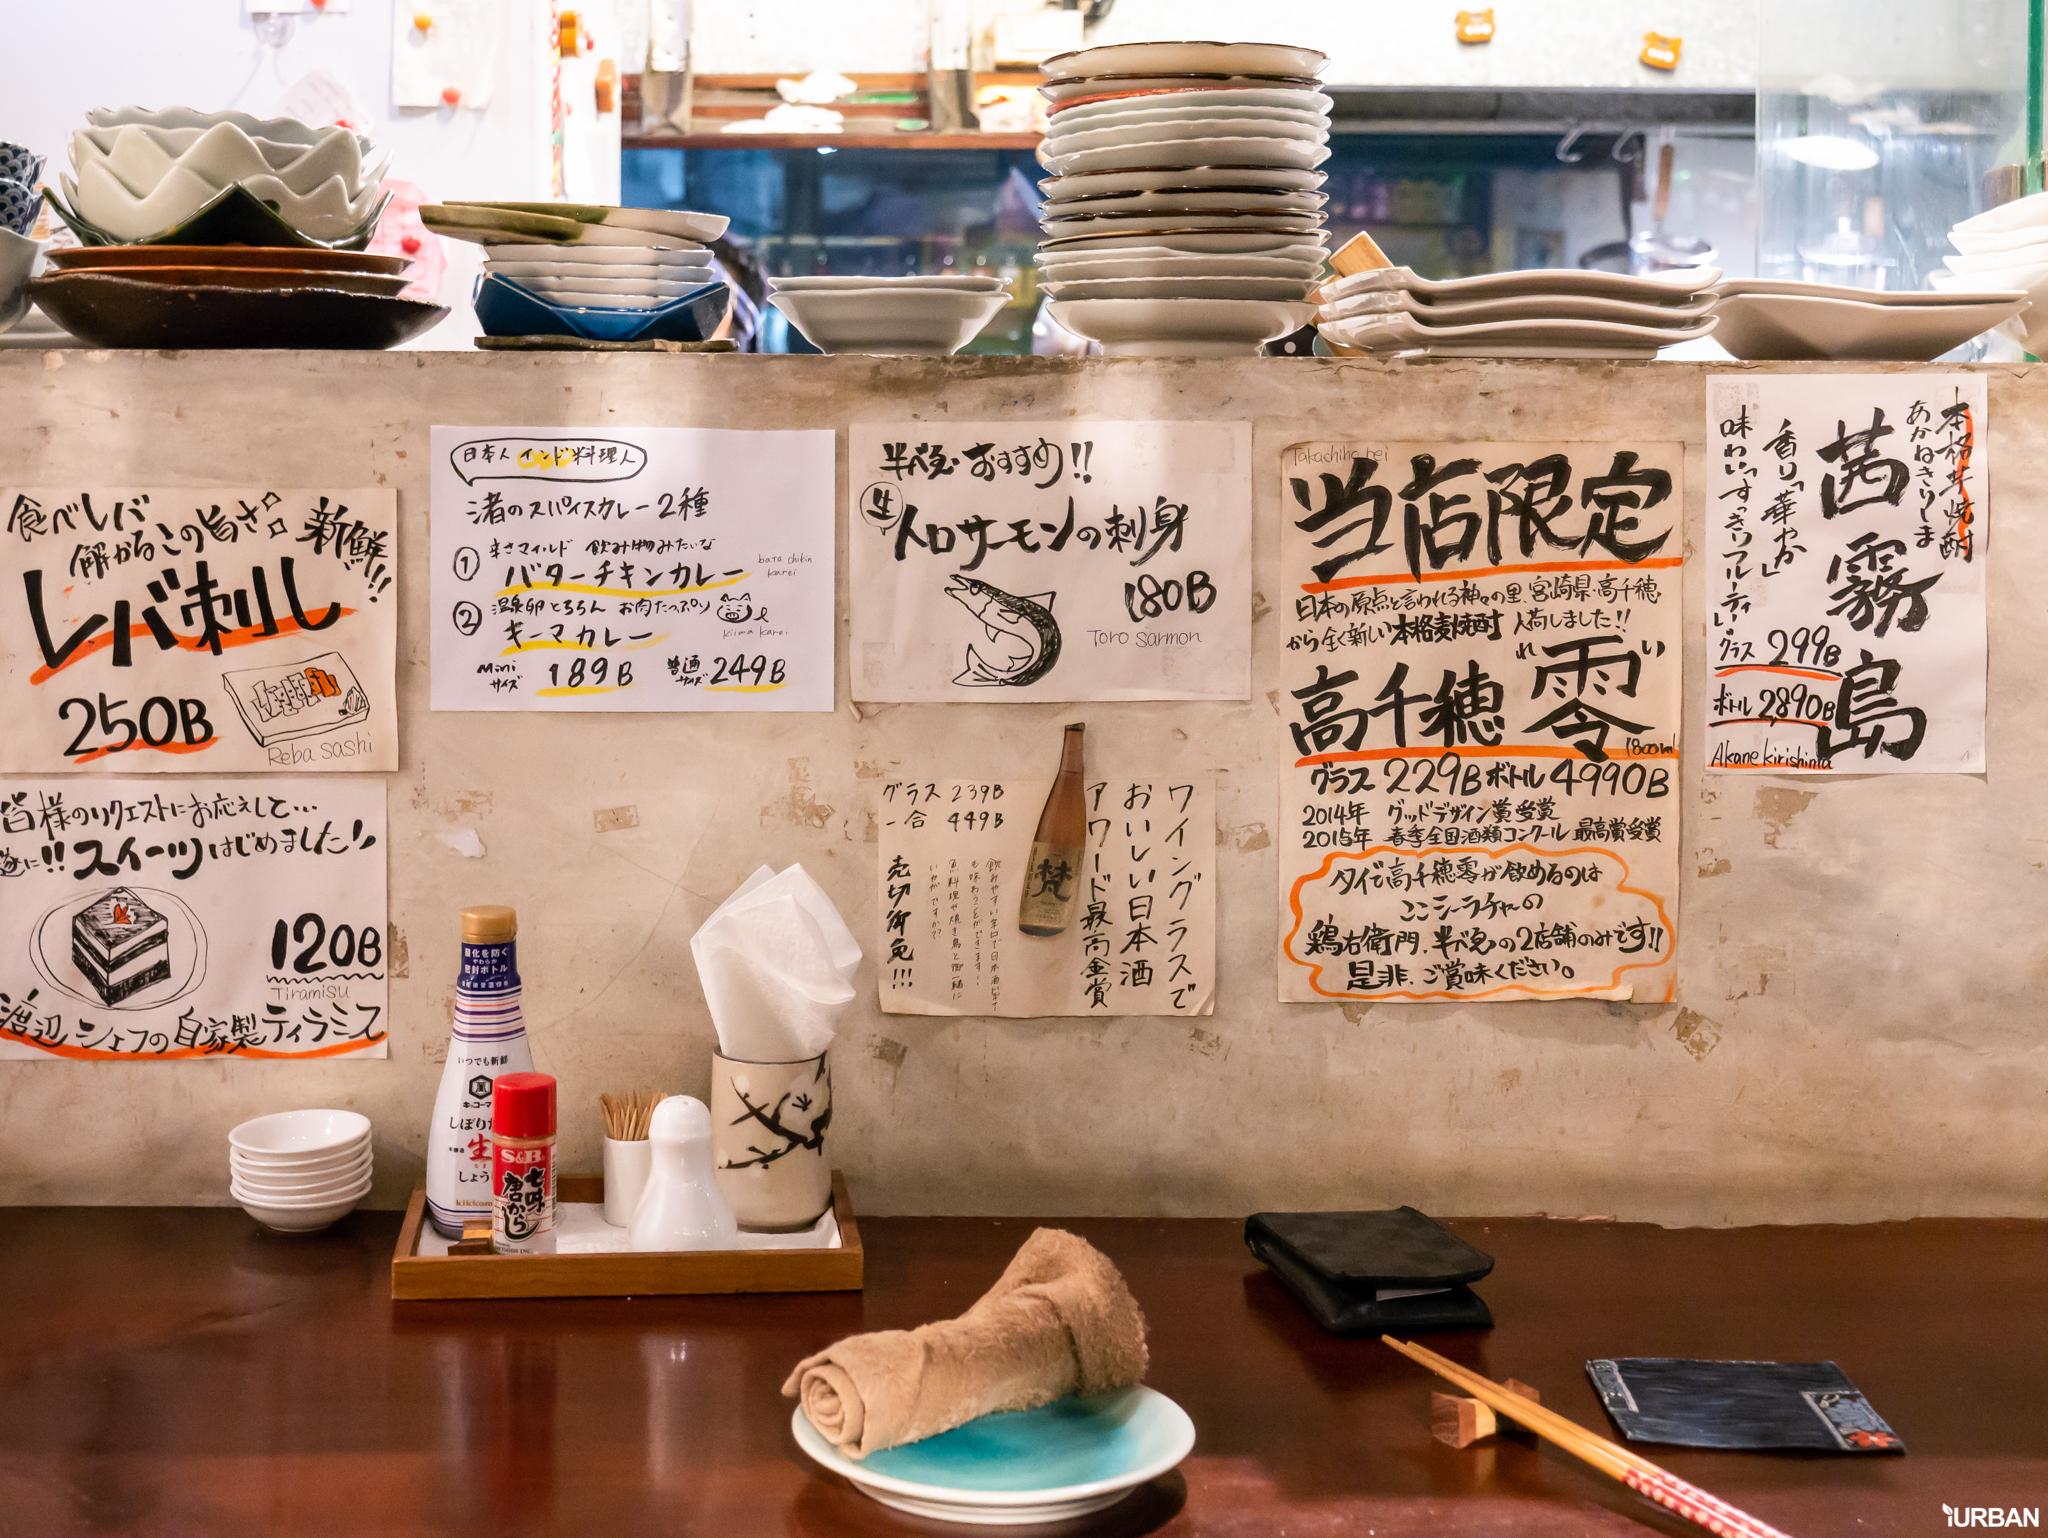 """""""ศรีราชา"""" 12 ที่เที่ยวสำหรับคนมีเวลานิดเดียวแต่อยากเที่ยวญี่ปุ่น 37 - Nottinghill"""